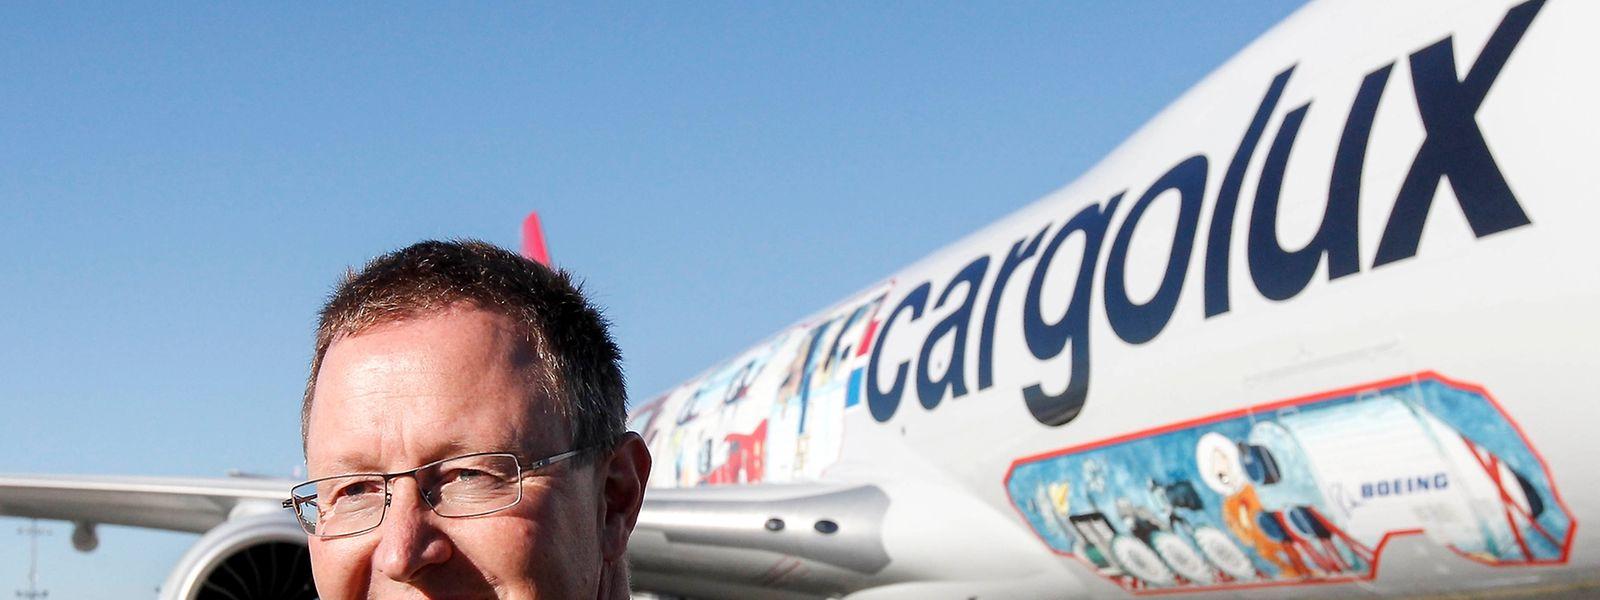 Dirk Reich war bis Ende Juli 2016 CEO der luxemburgischen Frachtfluggesellschaft Cargolux.